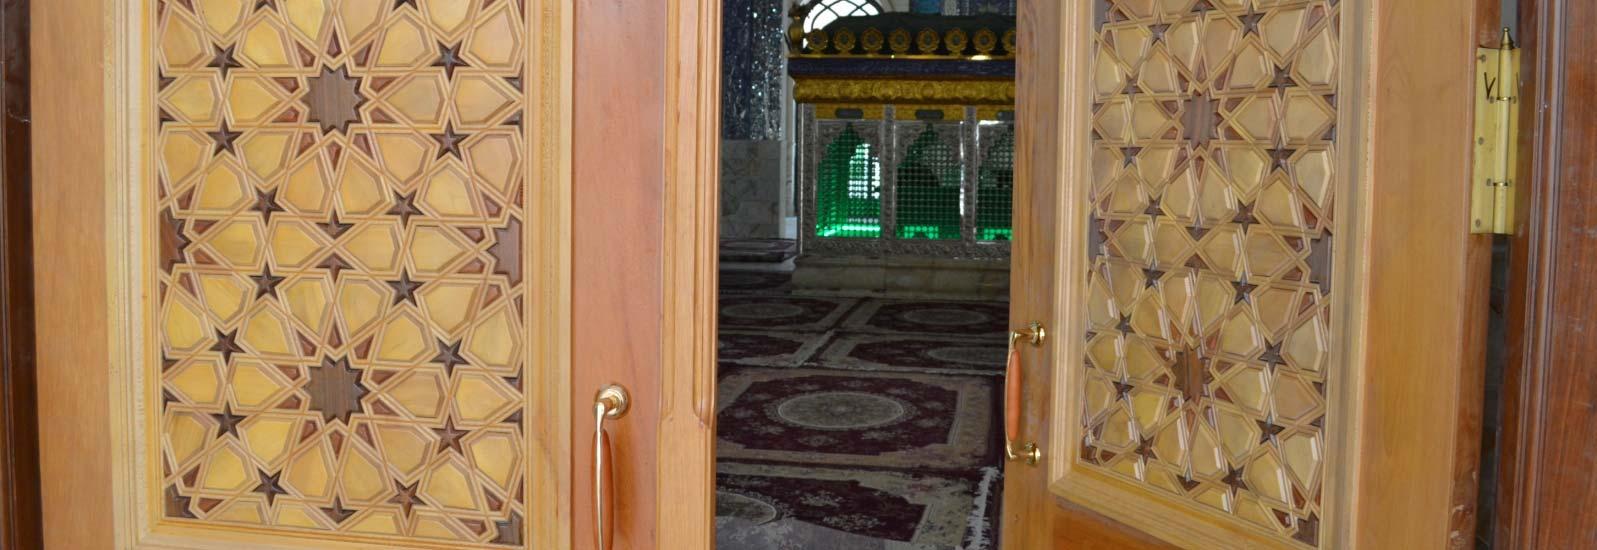 صنایع چوب ساج | درب چوبی ، درب سنتی، گره چینی ، منبر مسجد ،ارسی